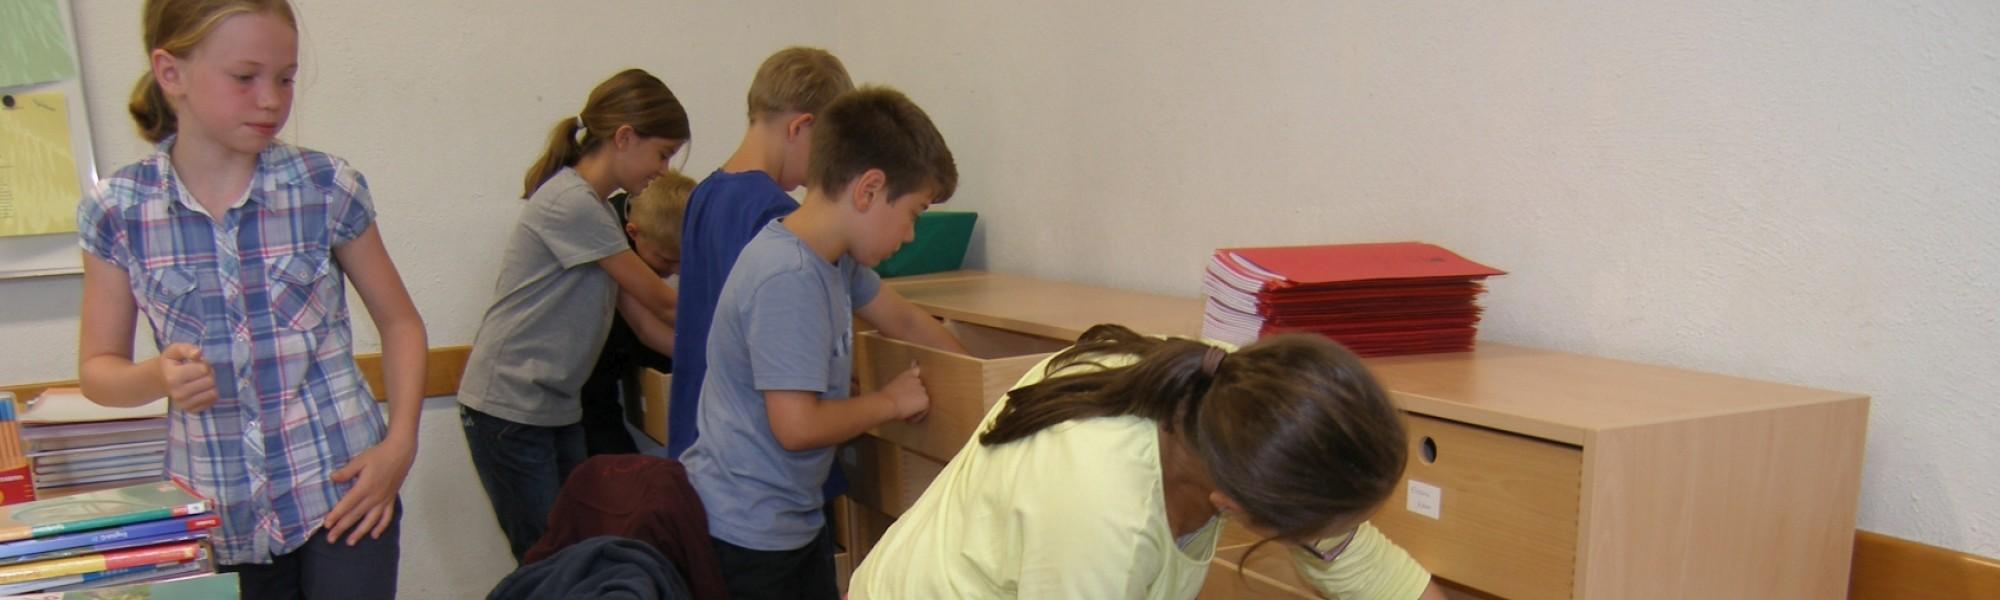 Regale für die Schulklassen - gefördert vom Förderverein